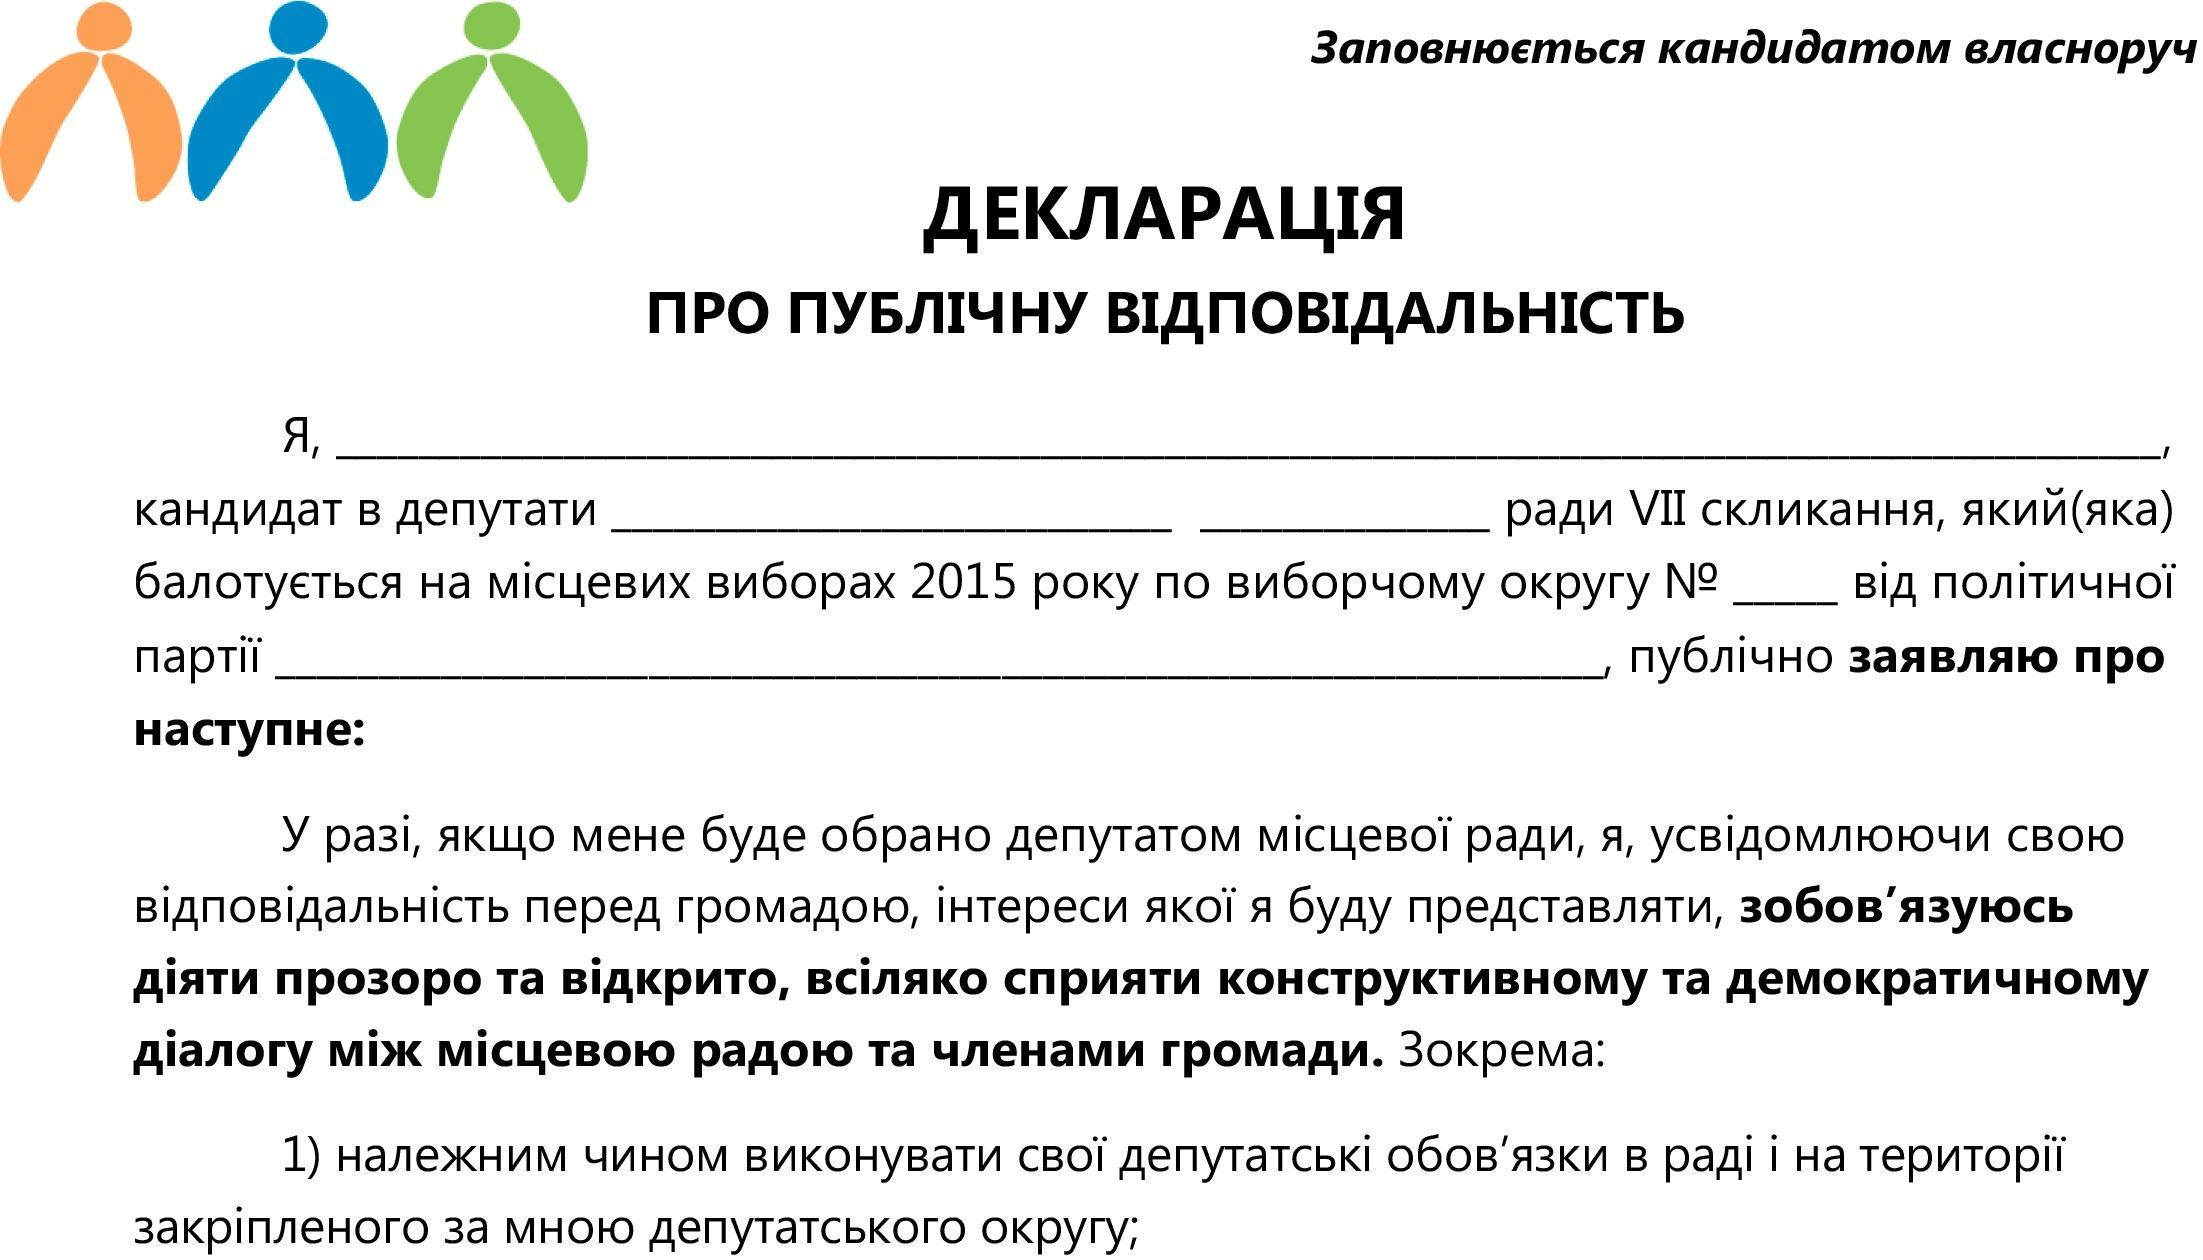 Громадські організації пропонують всім кандидатам в місцеві ради підписати Декларацію про публічну відповідальність!